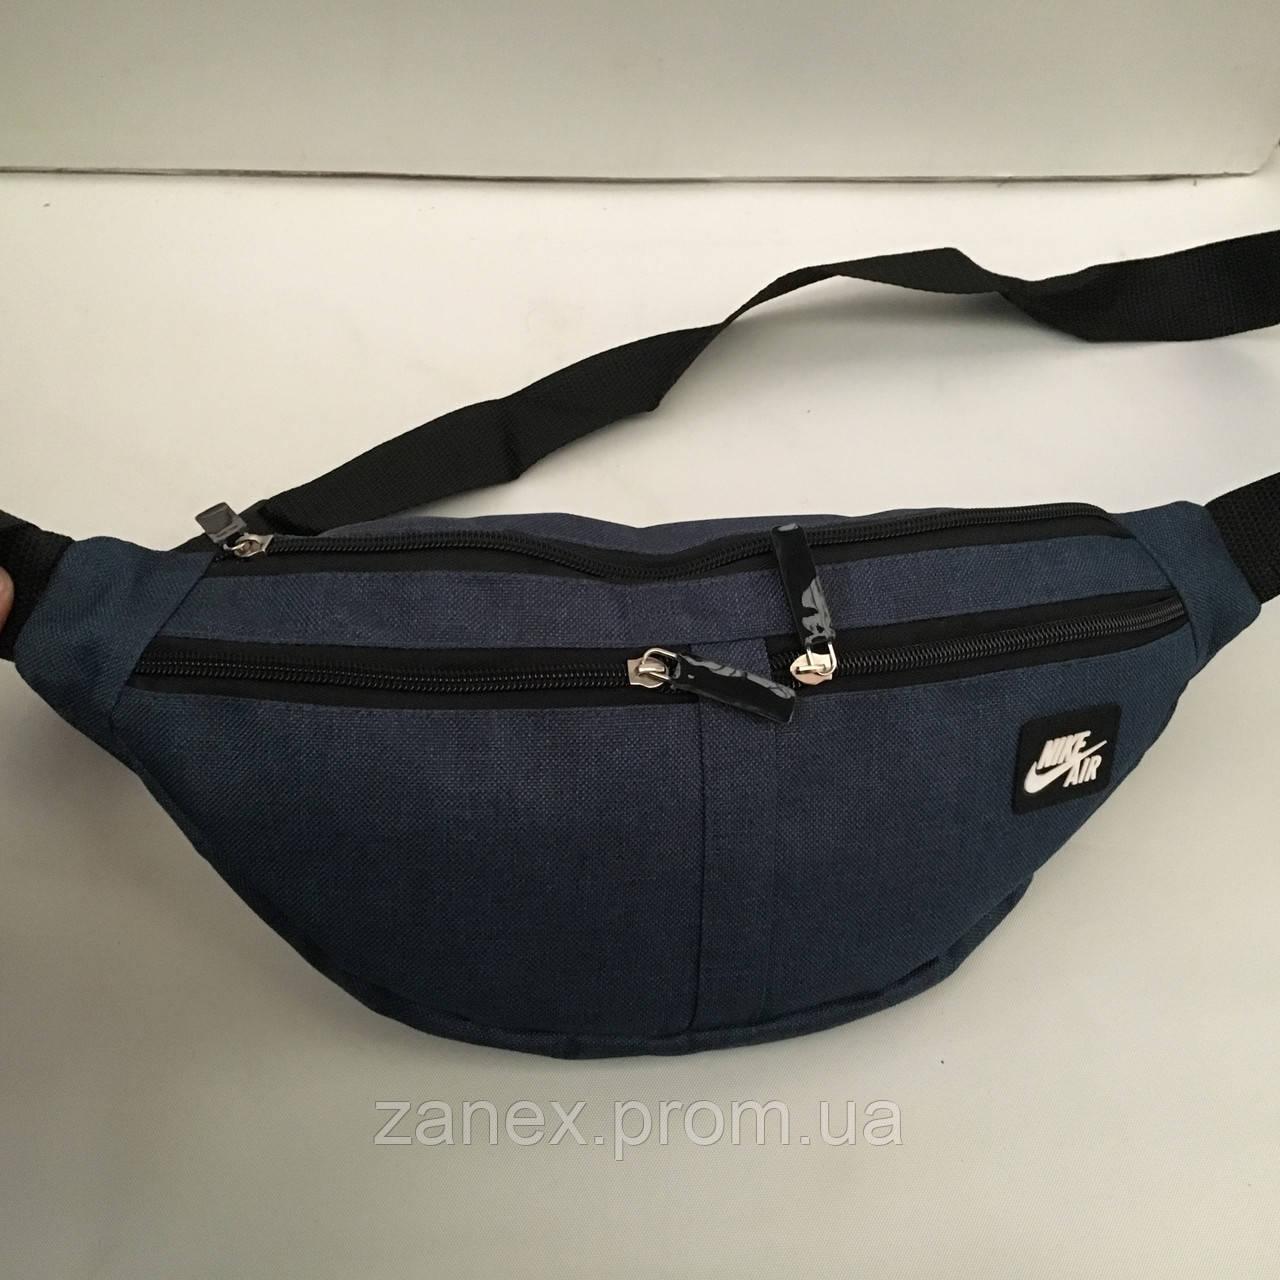 cc1a49054b57 Поясная сумка синяя Nike 4 отделения (Бананка, Сумка на пояс, сумка на плечо